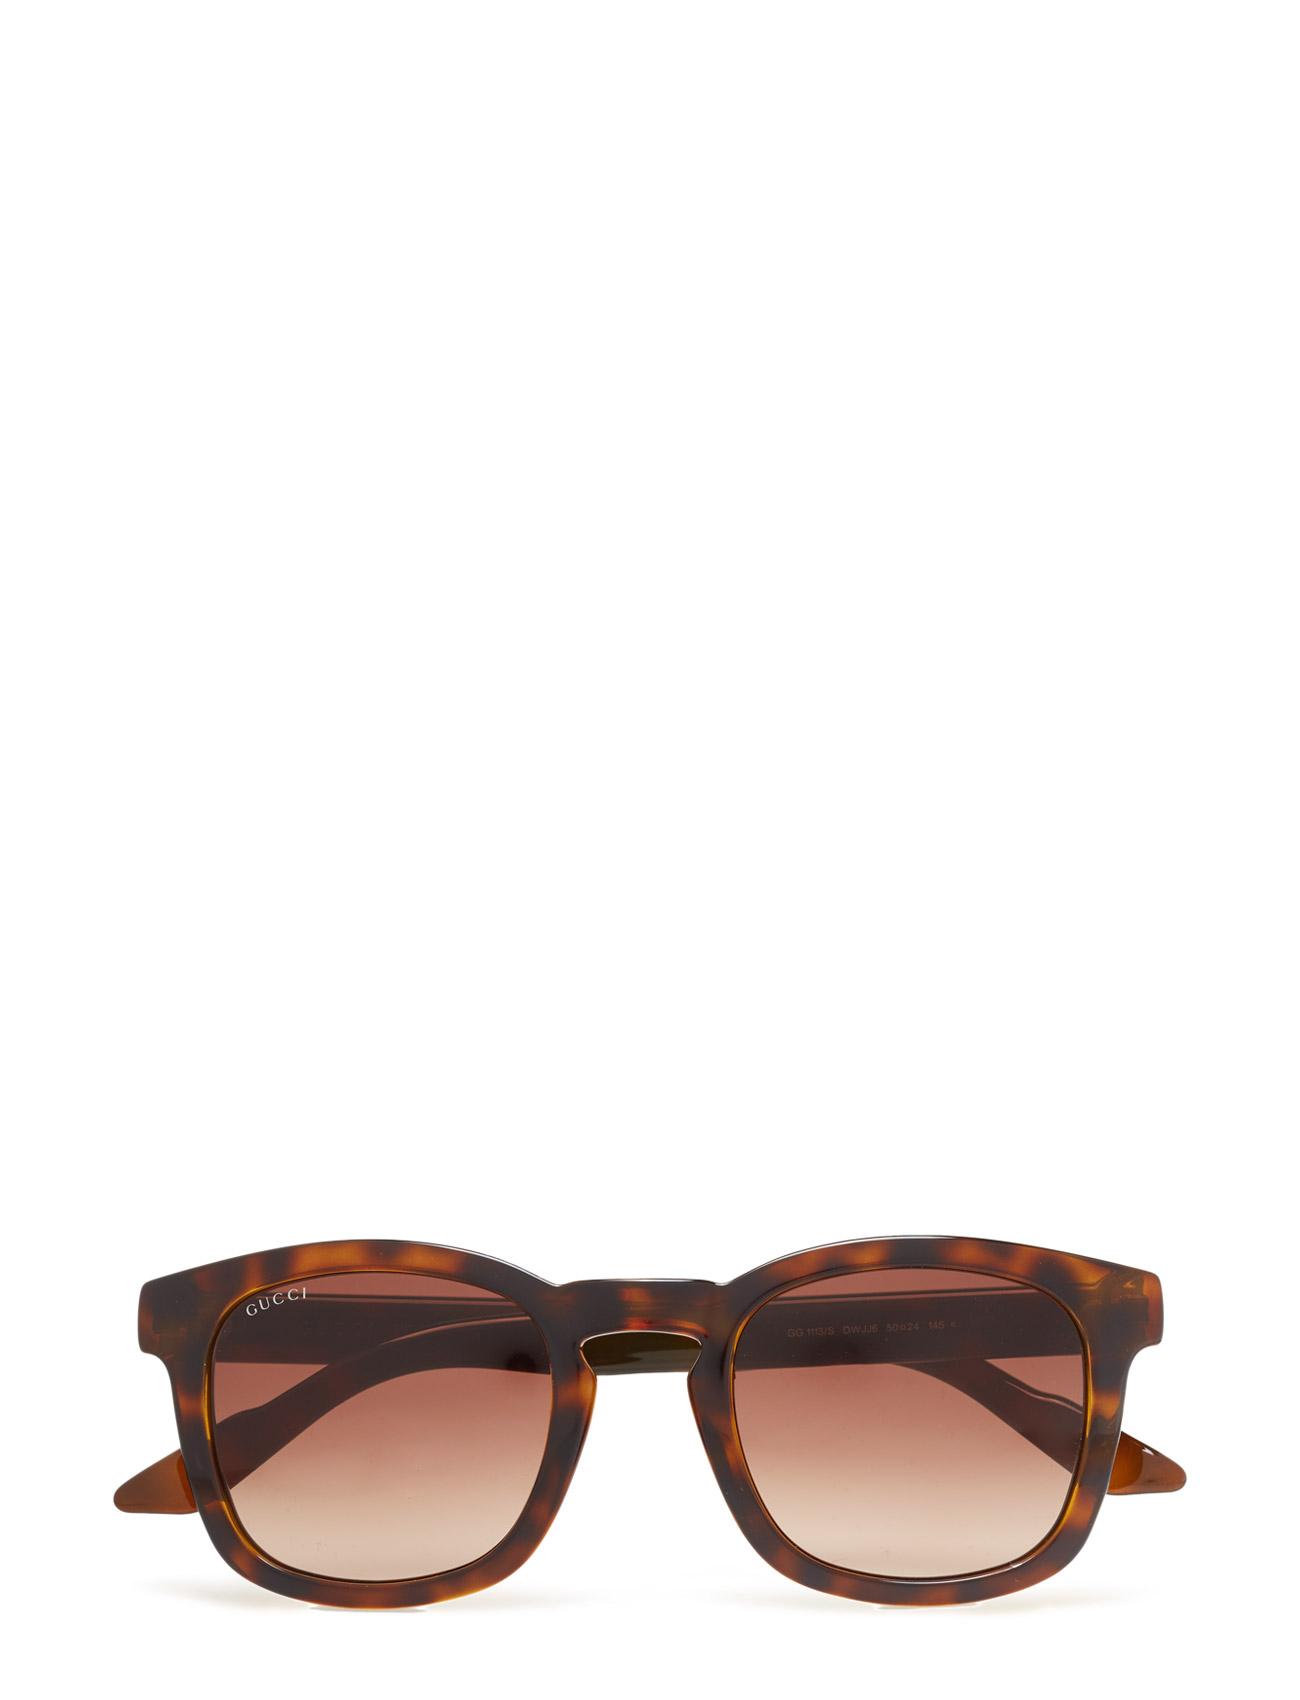 Gg 1113/S Gucci Sunglasses Solbriller til Herrer i